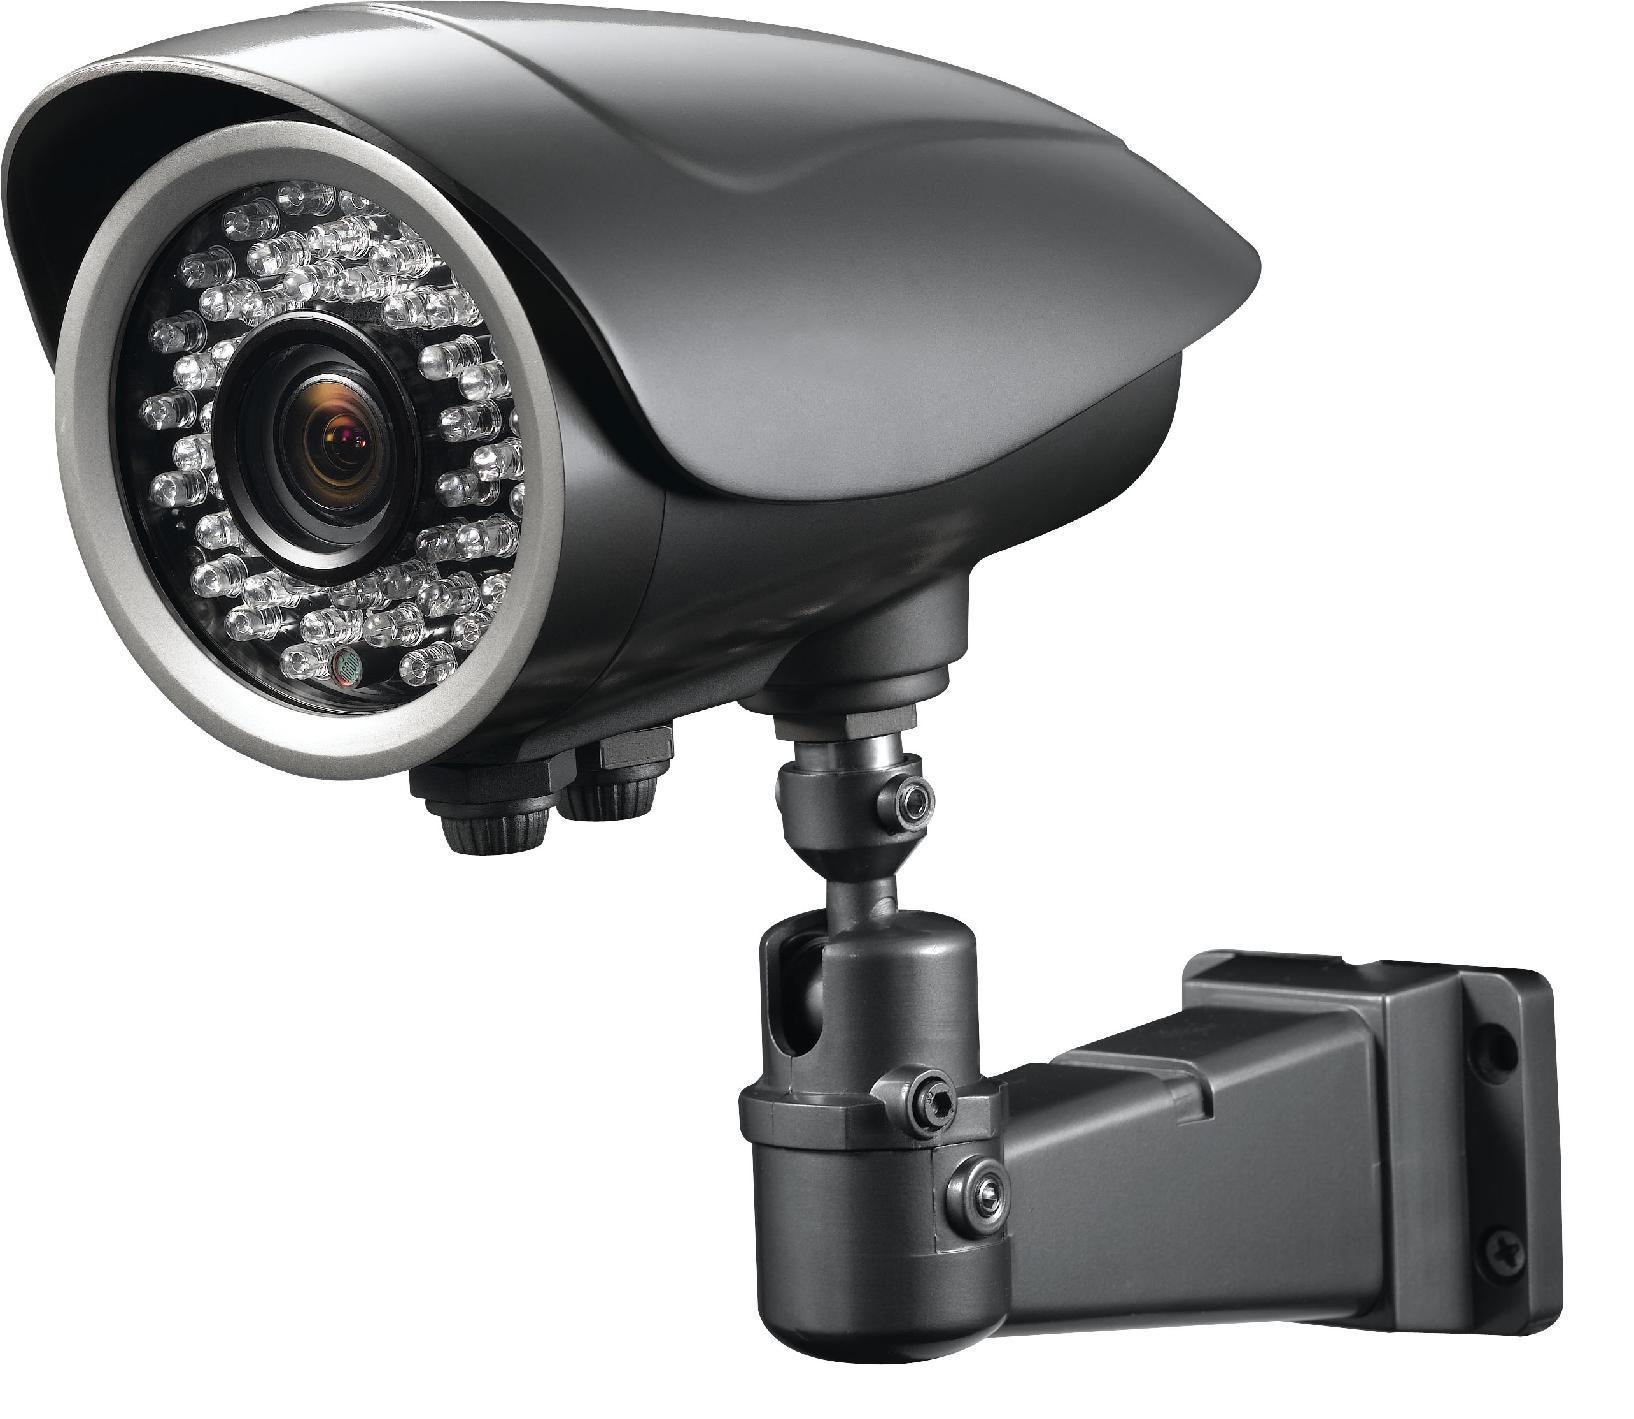 Cctv Camera Images PNG Transparent Cctv Camera Images.PNG Images.